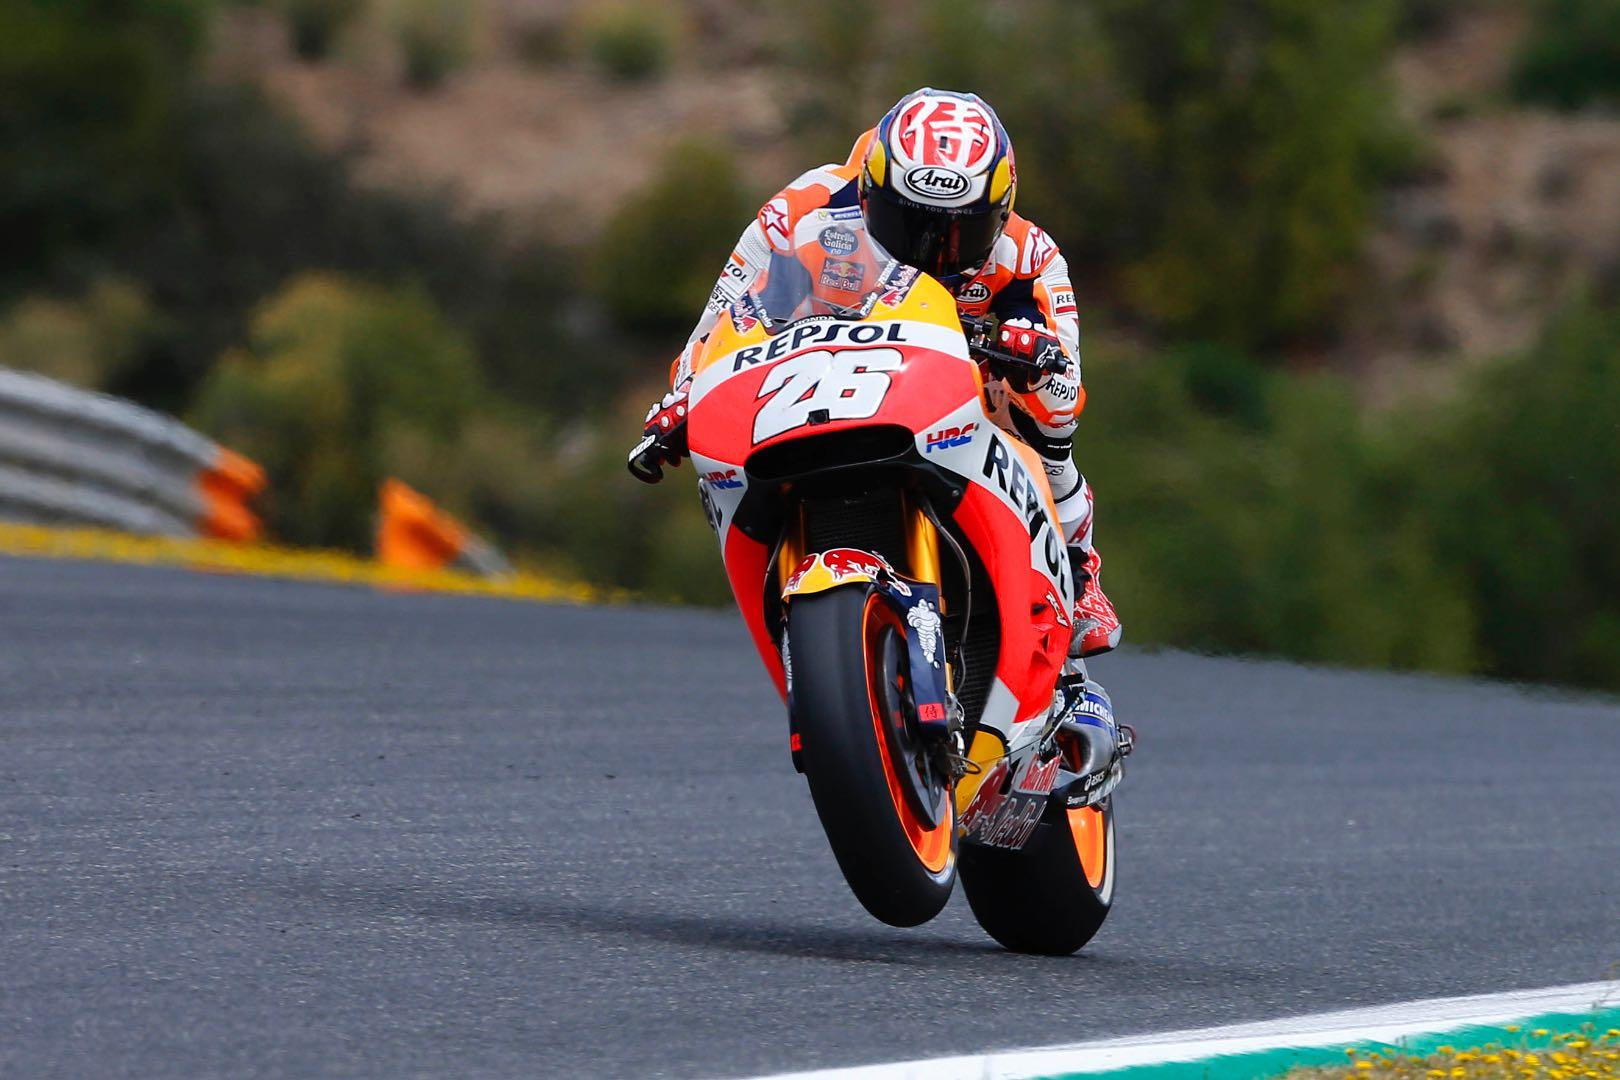 Jerez MotoGP Friday Practice Results: Honda's Dani Pedrosa